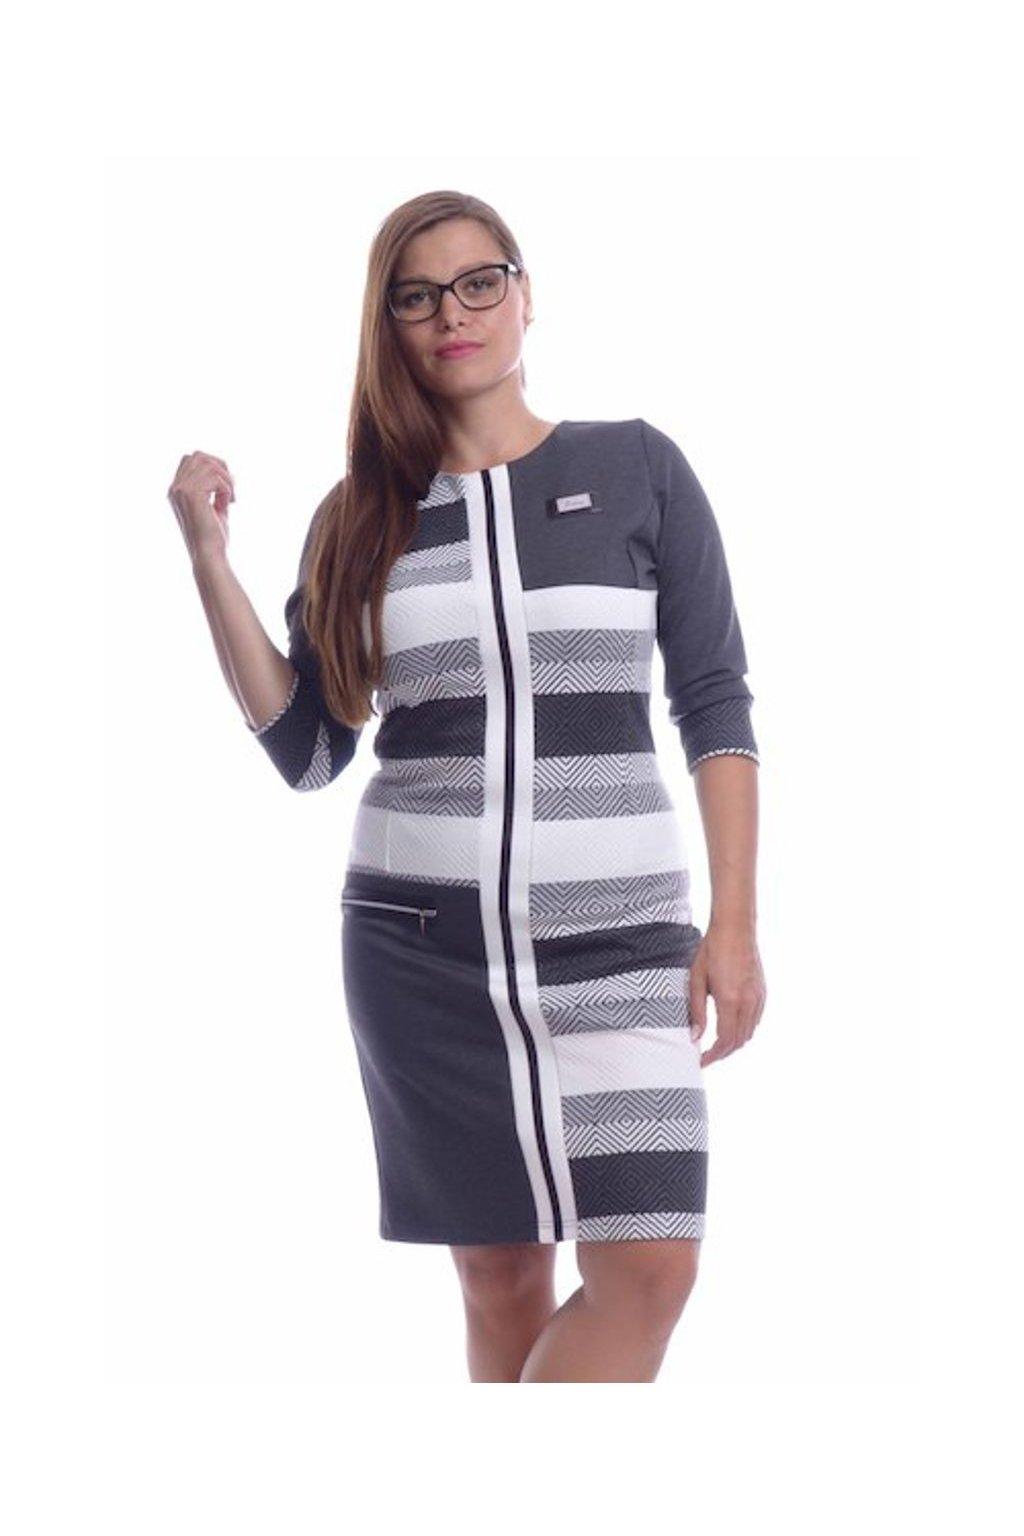 8319 Šaty střed koženka (Velikost 36, Barva Vzorovaná)